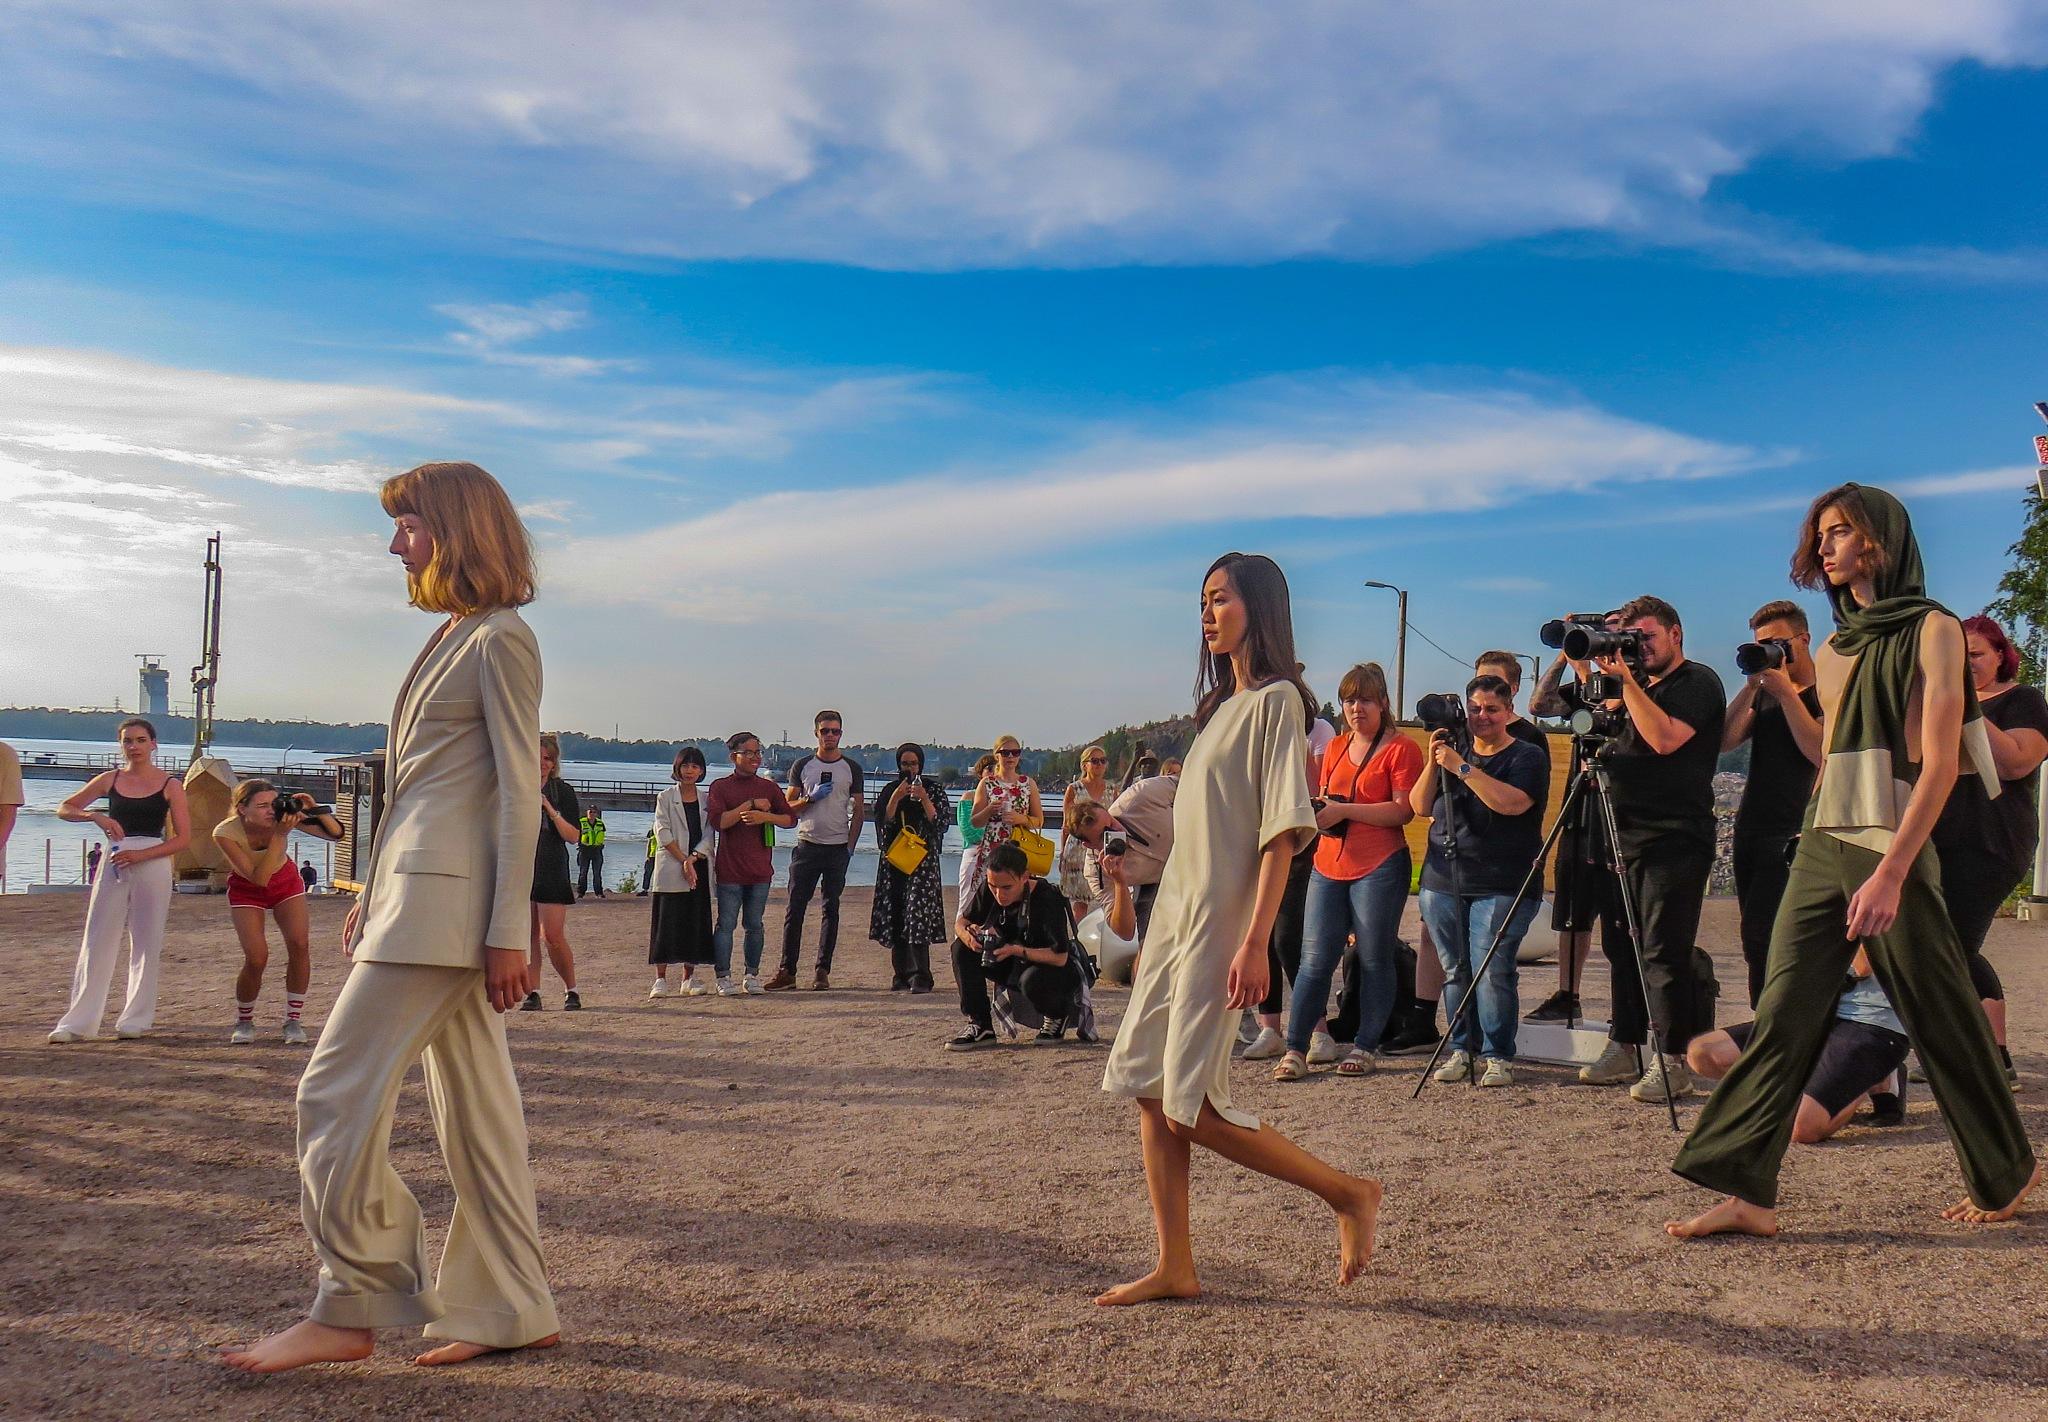 Helsinki Fashion week by Timo V